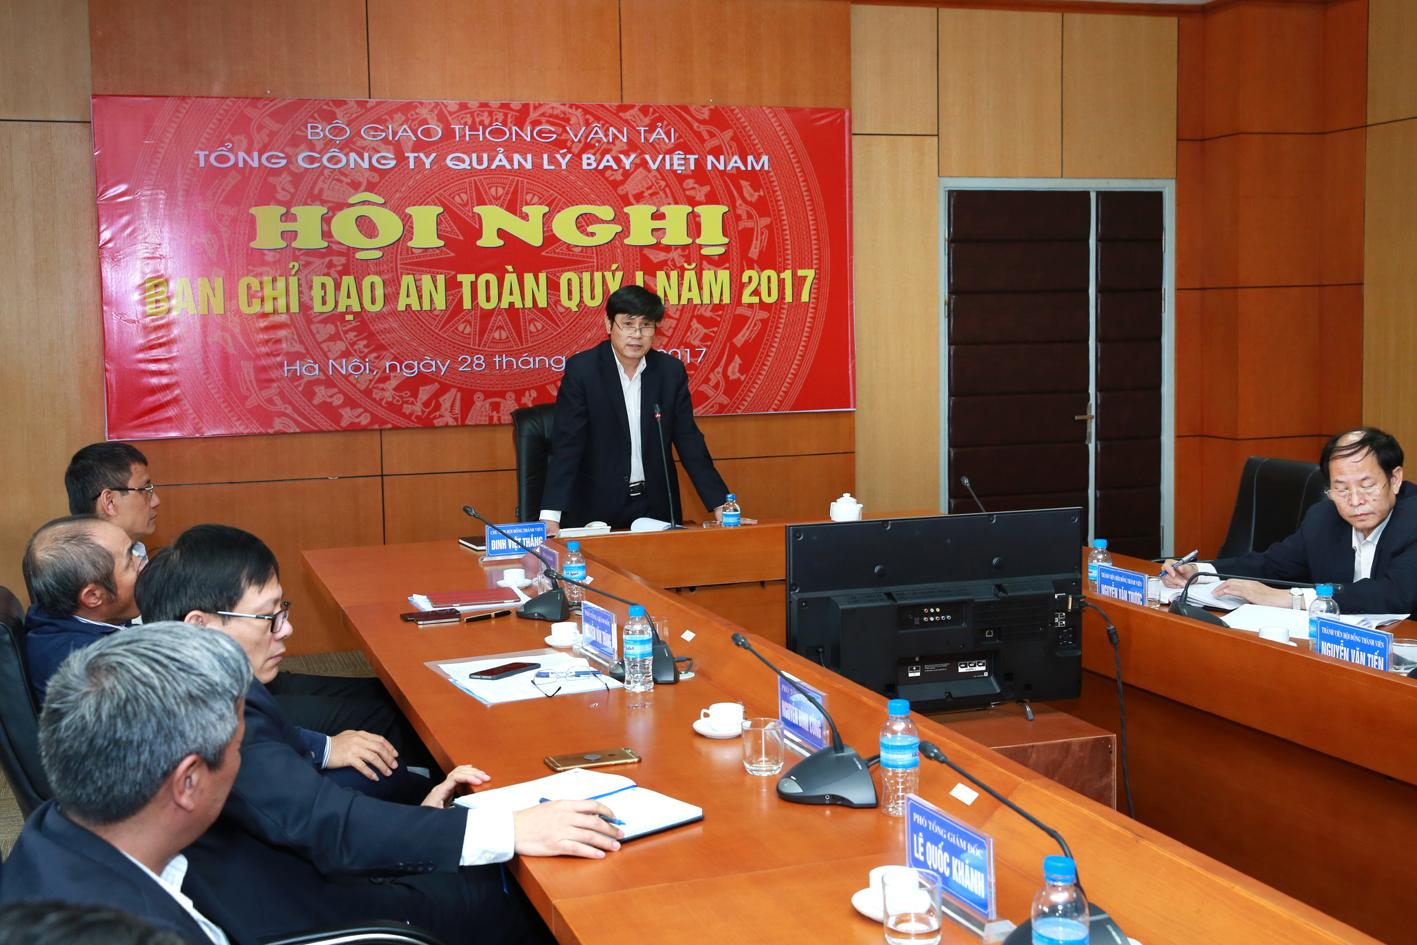 VATM: Tổ chức Hội nghị trực tuyến Ban Chỉ đạo An toàn Quý I/2017